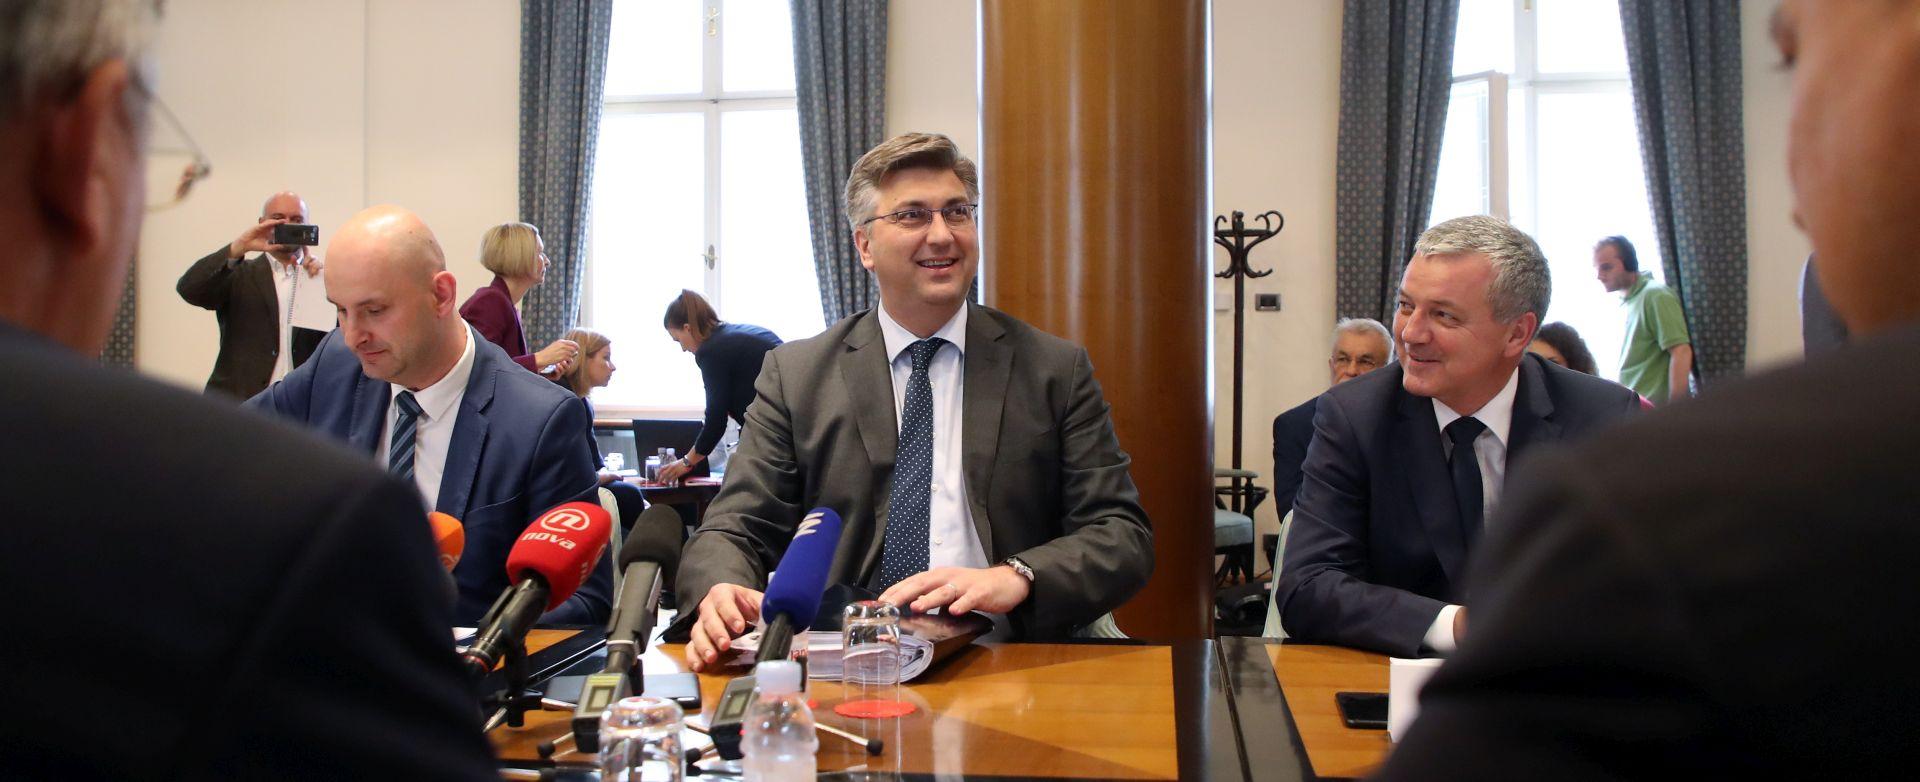 UŽIVO: Odbor podržao Tolušića, raspravlja se o Horvatu